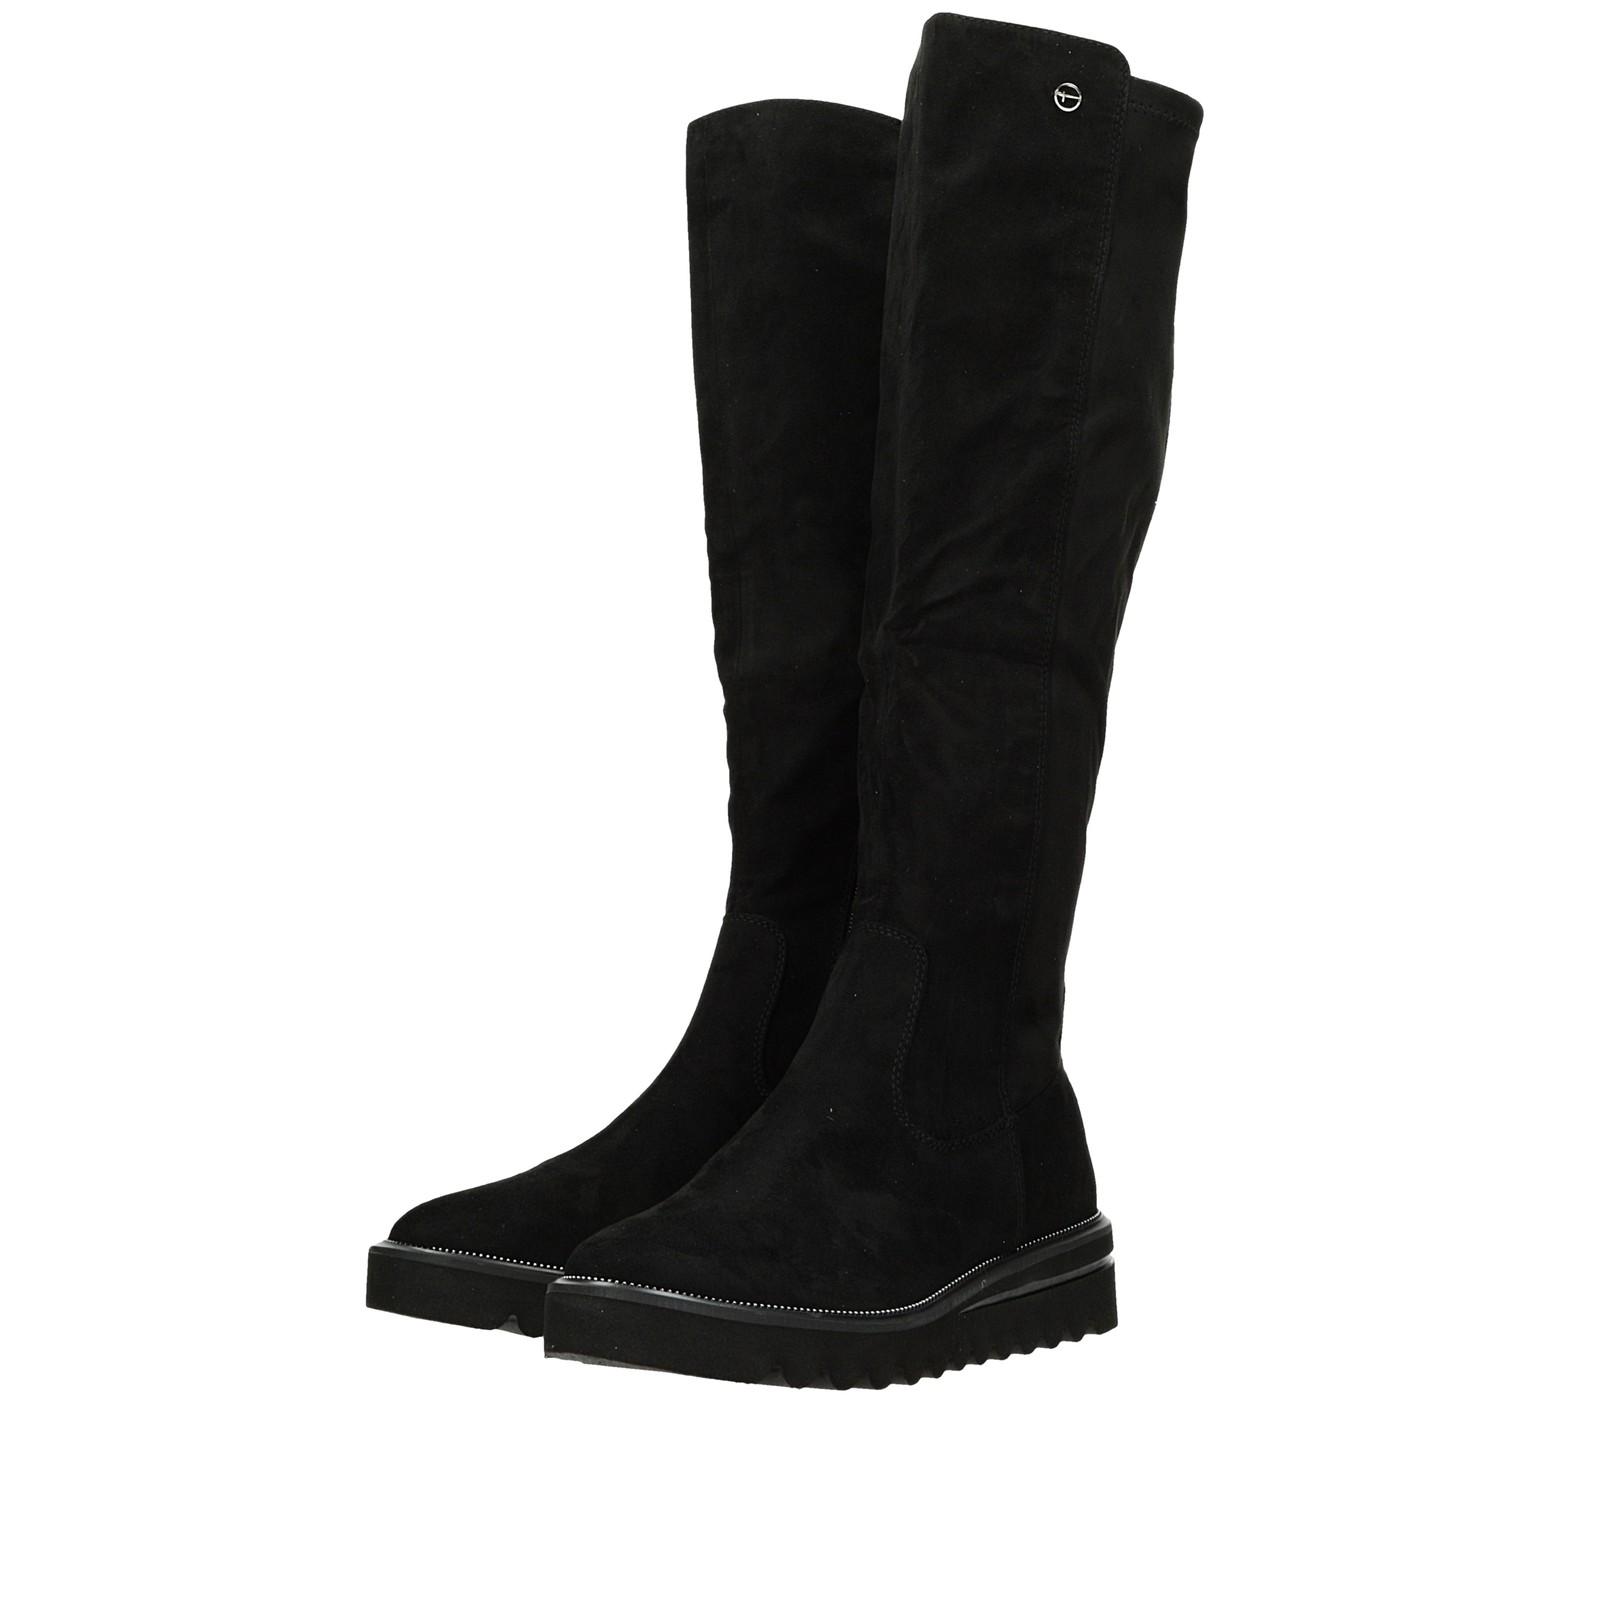 157ceb28cc27 ... Tamaris dámske textilné vysoké čižmy - čierne ...